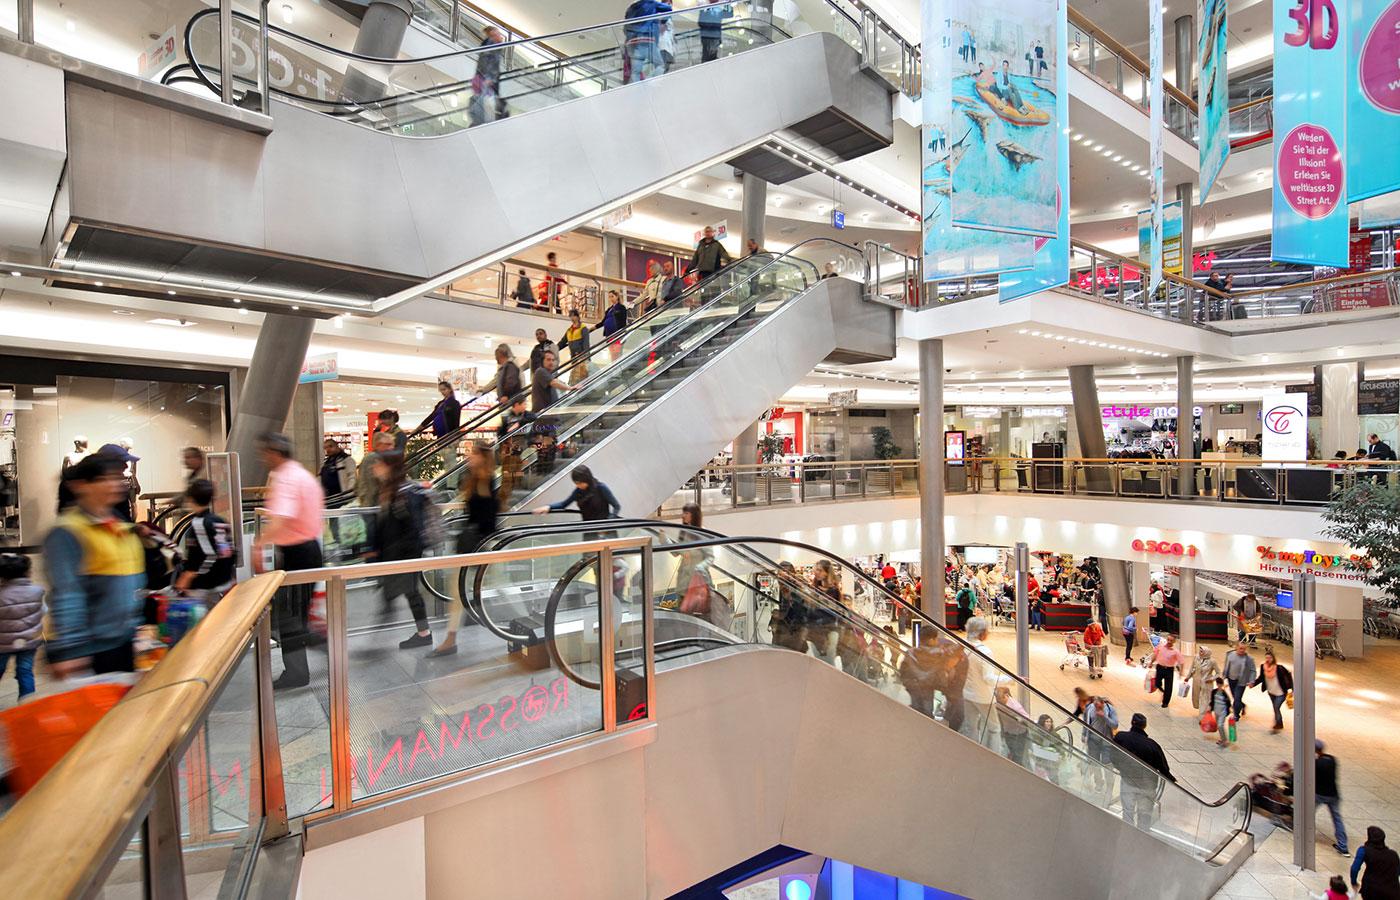 Cineplex Karli Kinocenter - Neukölln-Arcaden